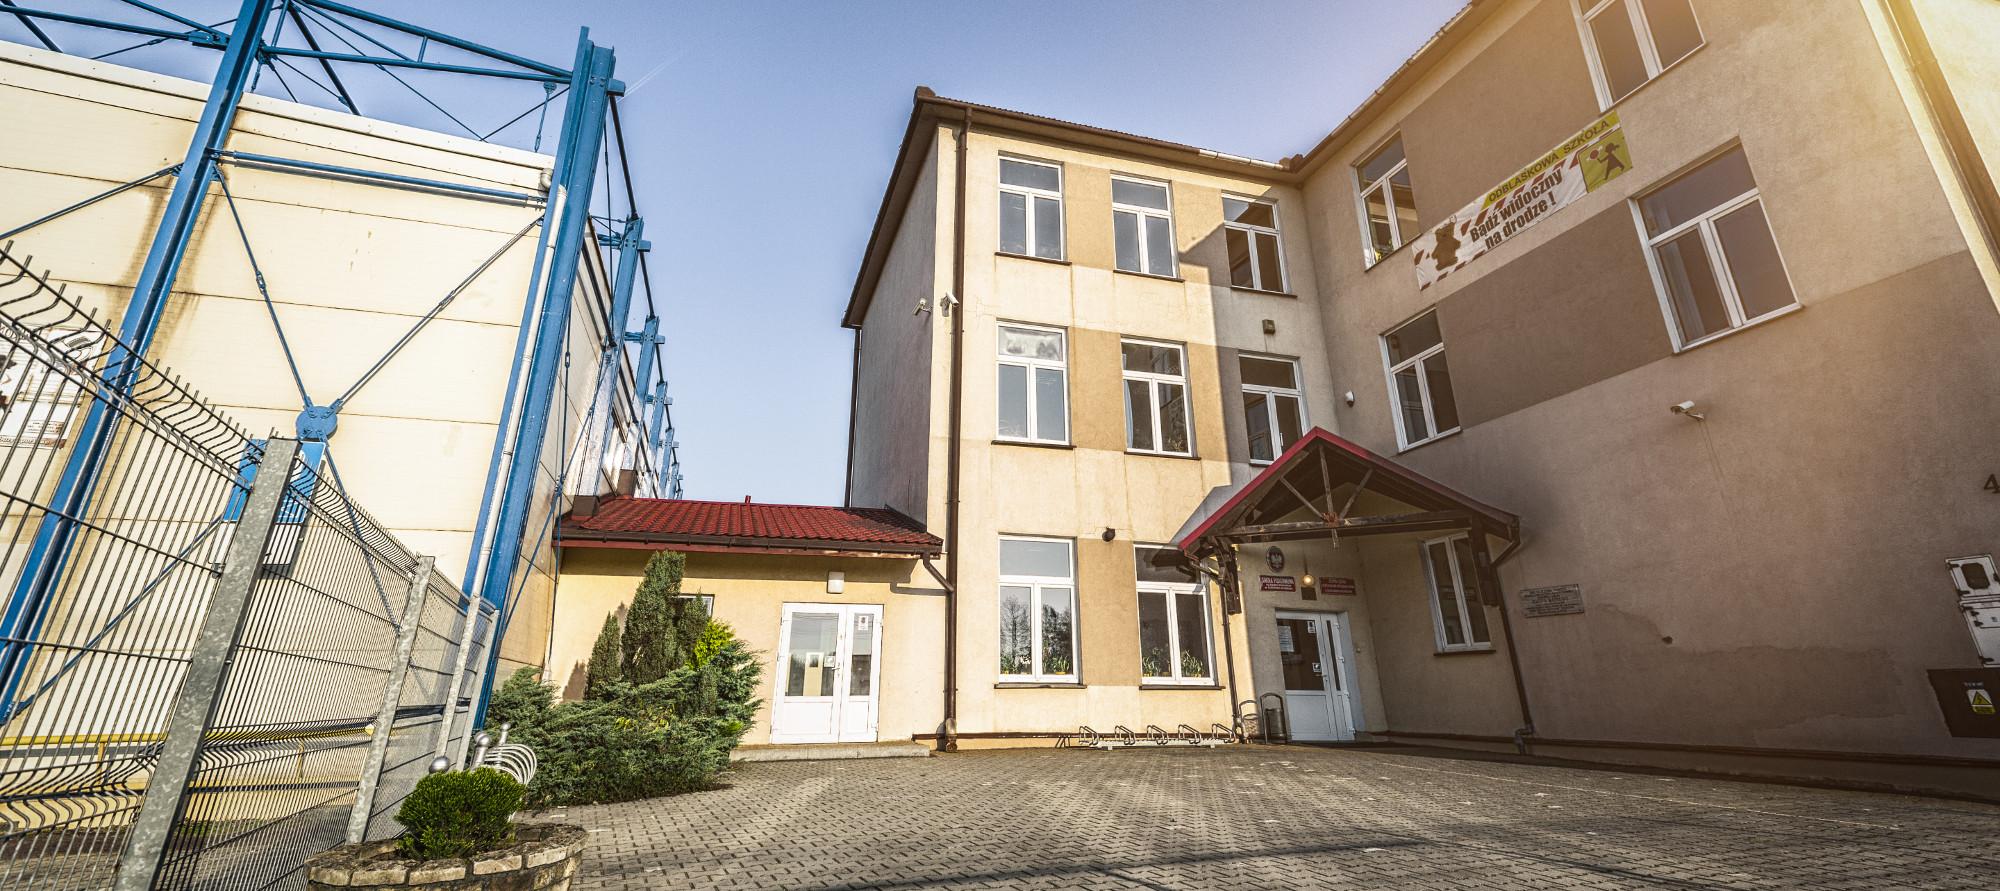 Szkoła Podstawowa w Zabierzowie Bocheńskim